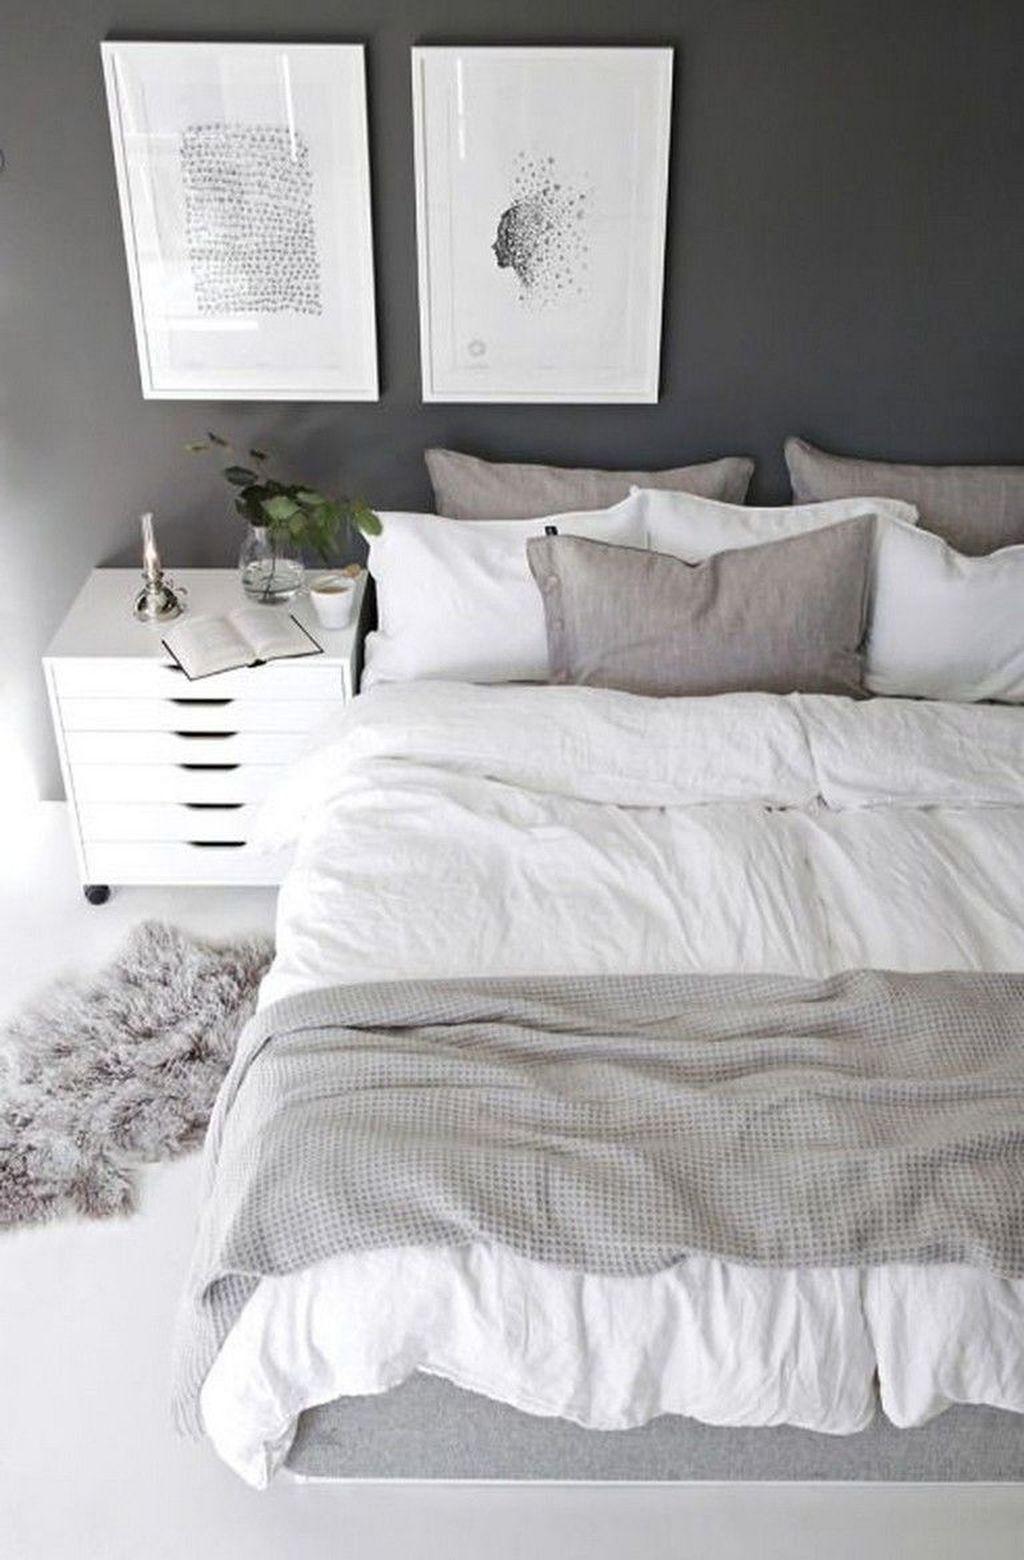 The Best Scandinavian Bedroom Interior Design Ideas 34 Pimphomee